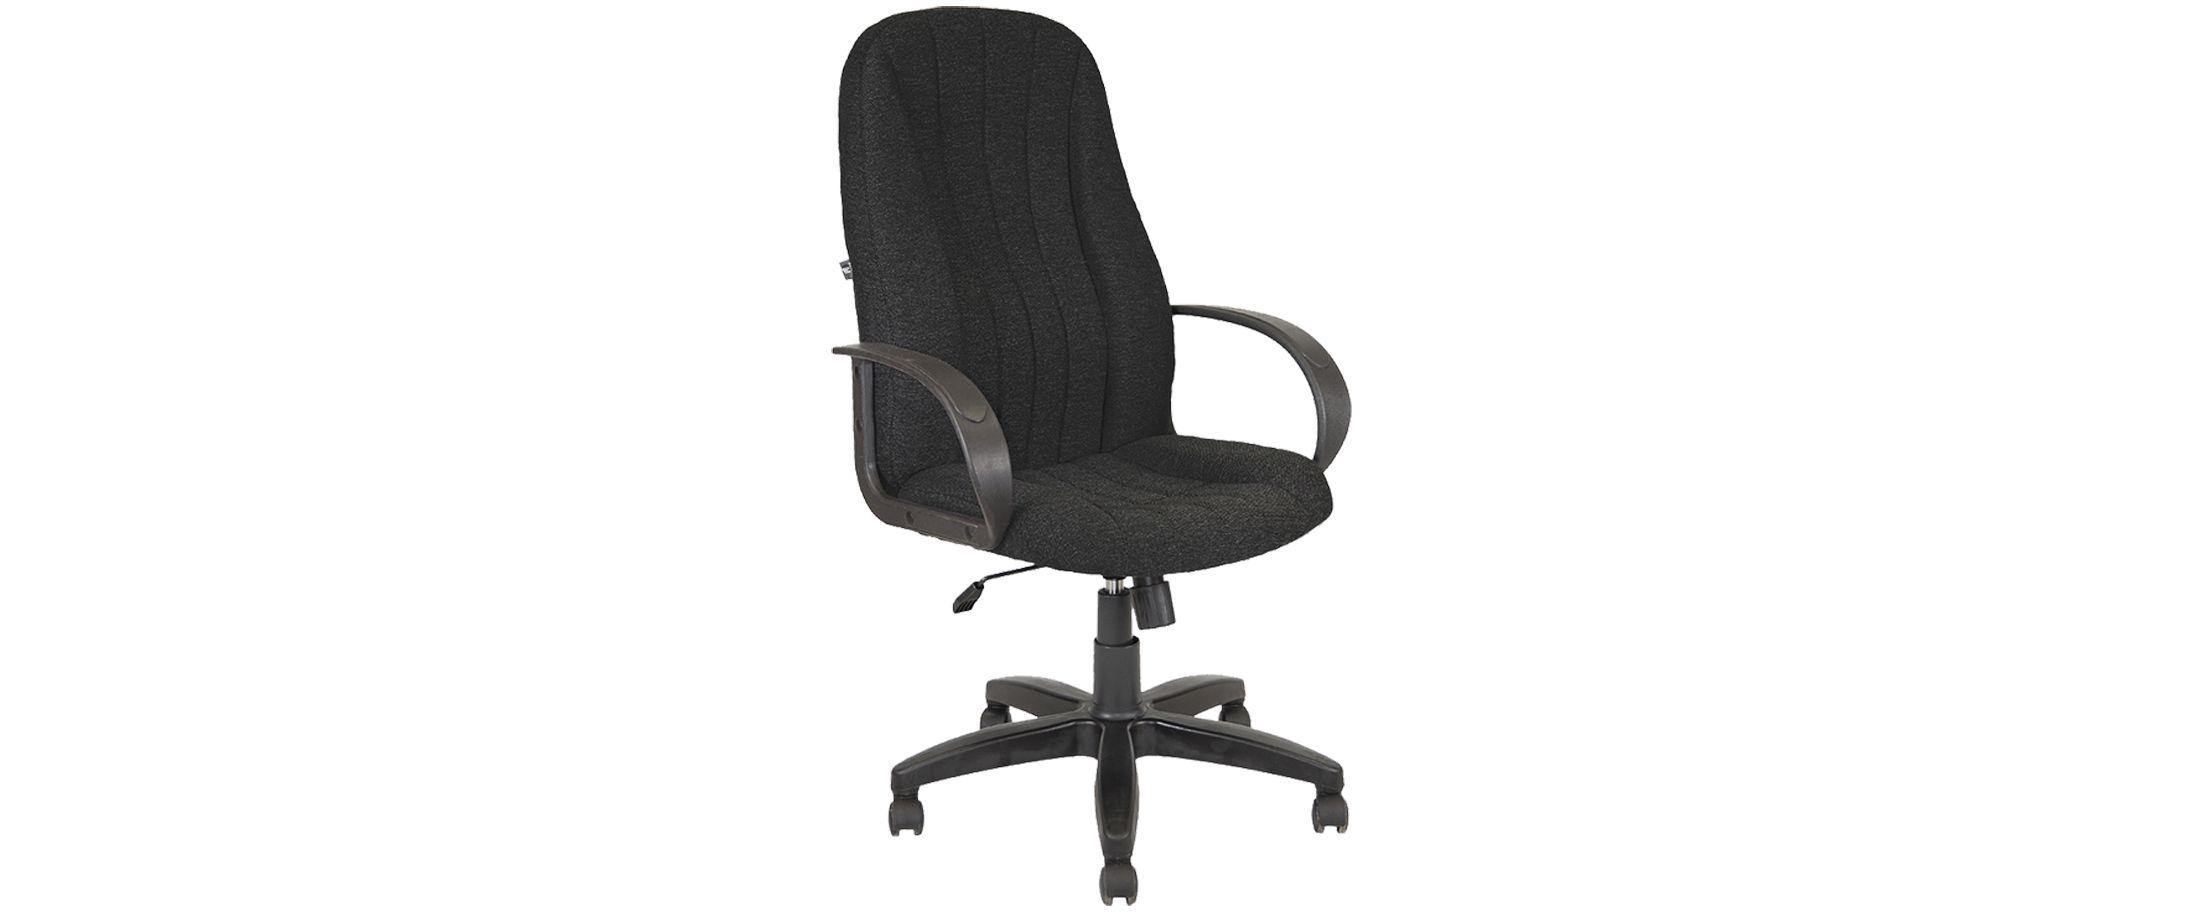 Кресло офисное AV 107 черное Модель 999 от MOON TRADE